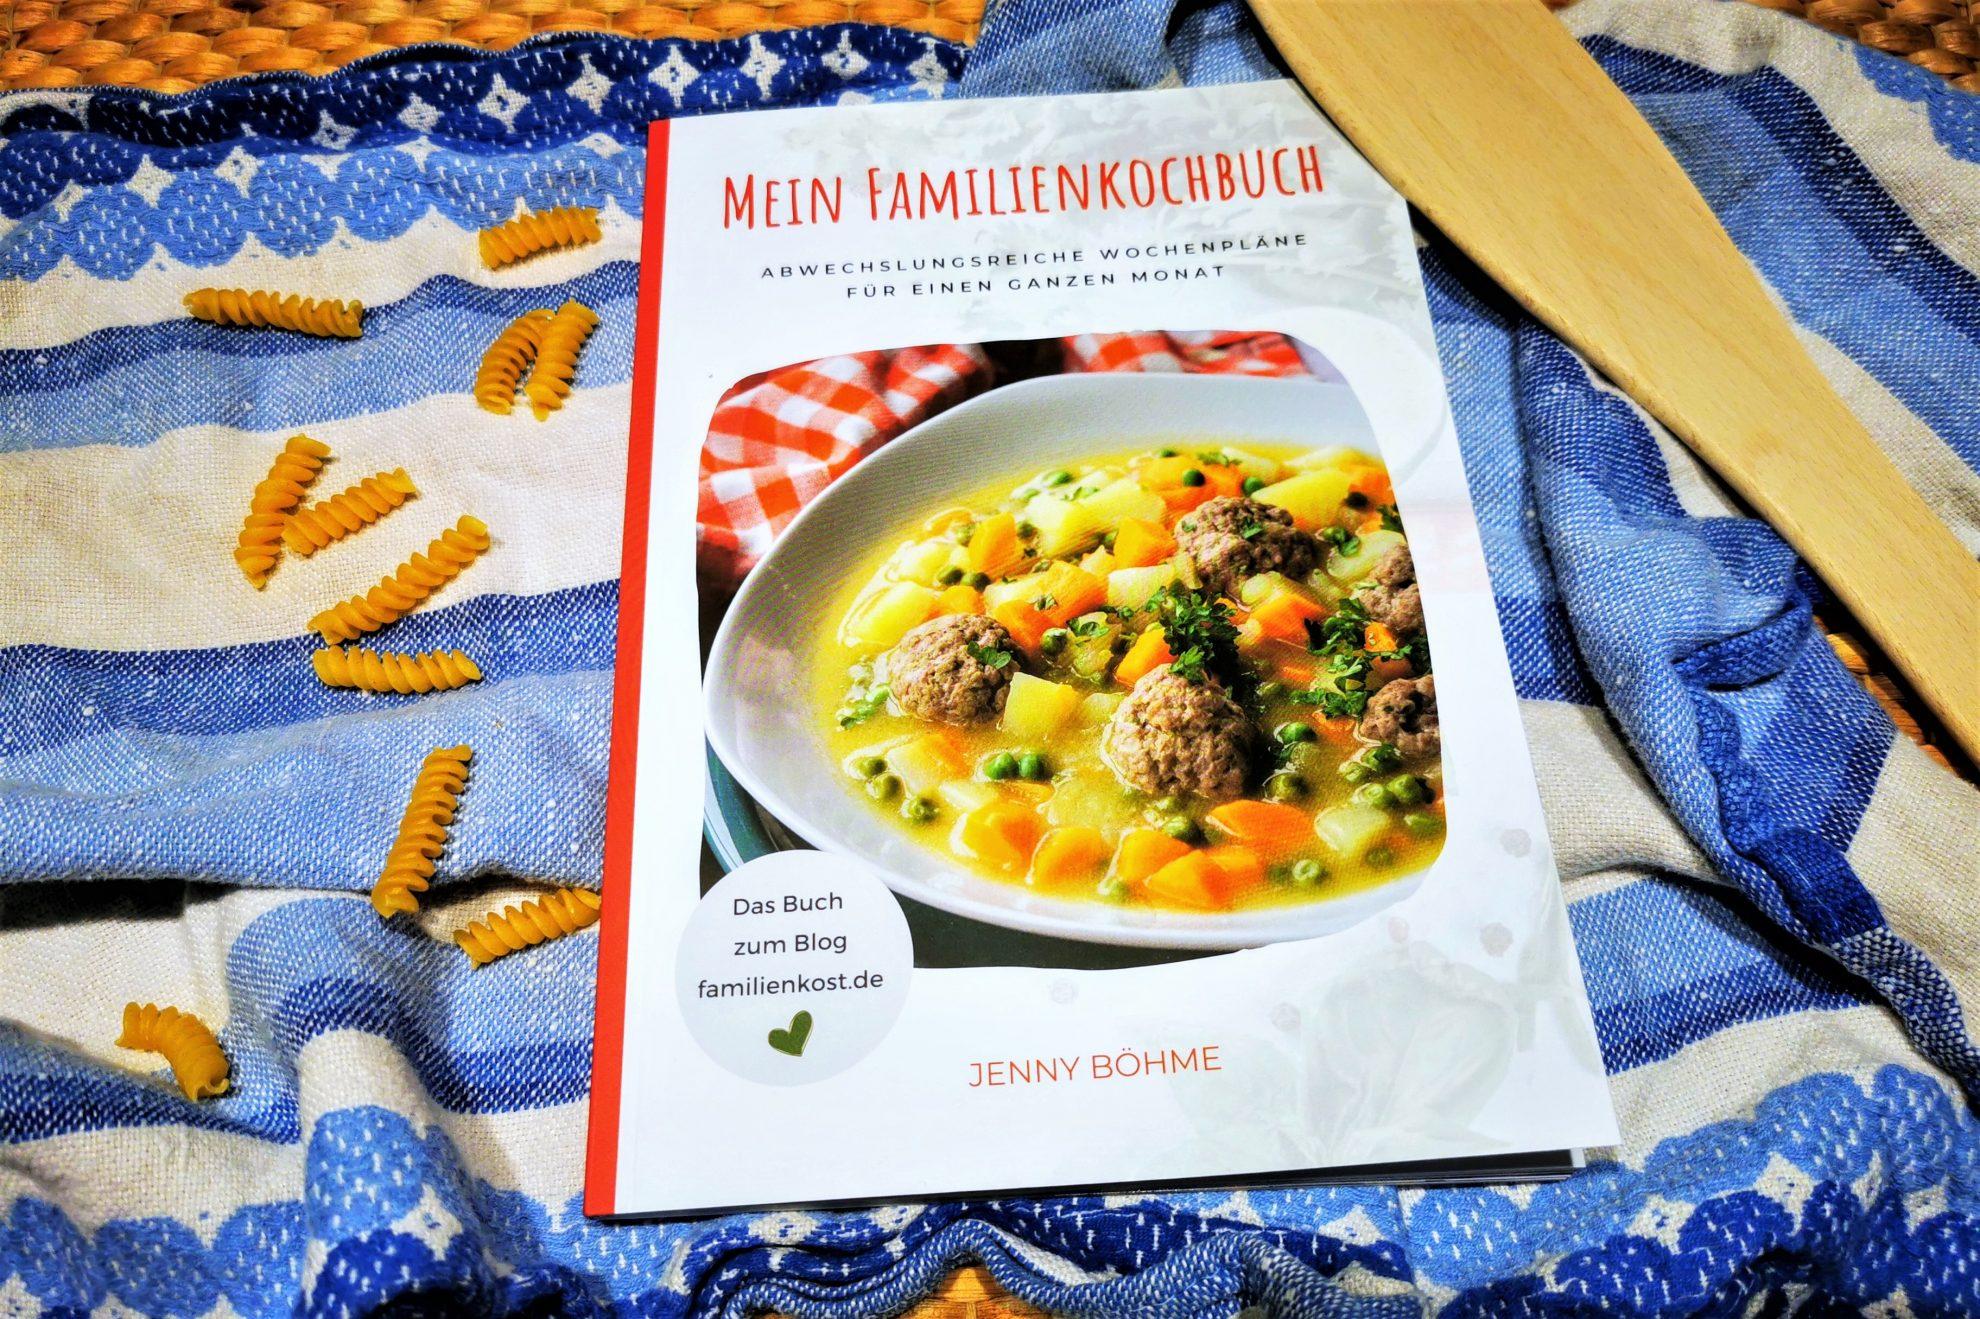 Rezension: Mein Familienkochbuch von Jenny Böhme - ein rundum gelungenes Kochbuch mit Speiseplan für die Familie für den ganzen Monat. #kochen